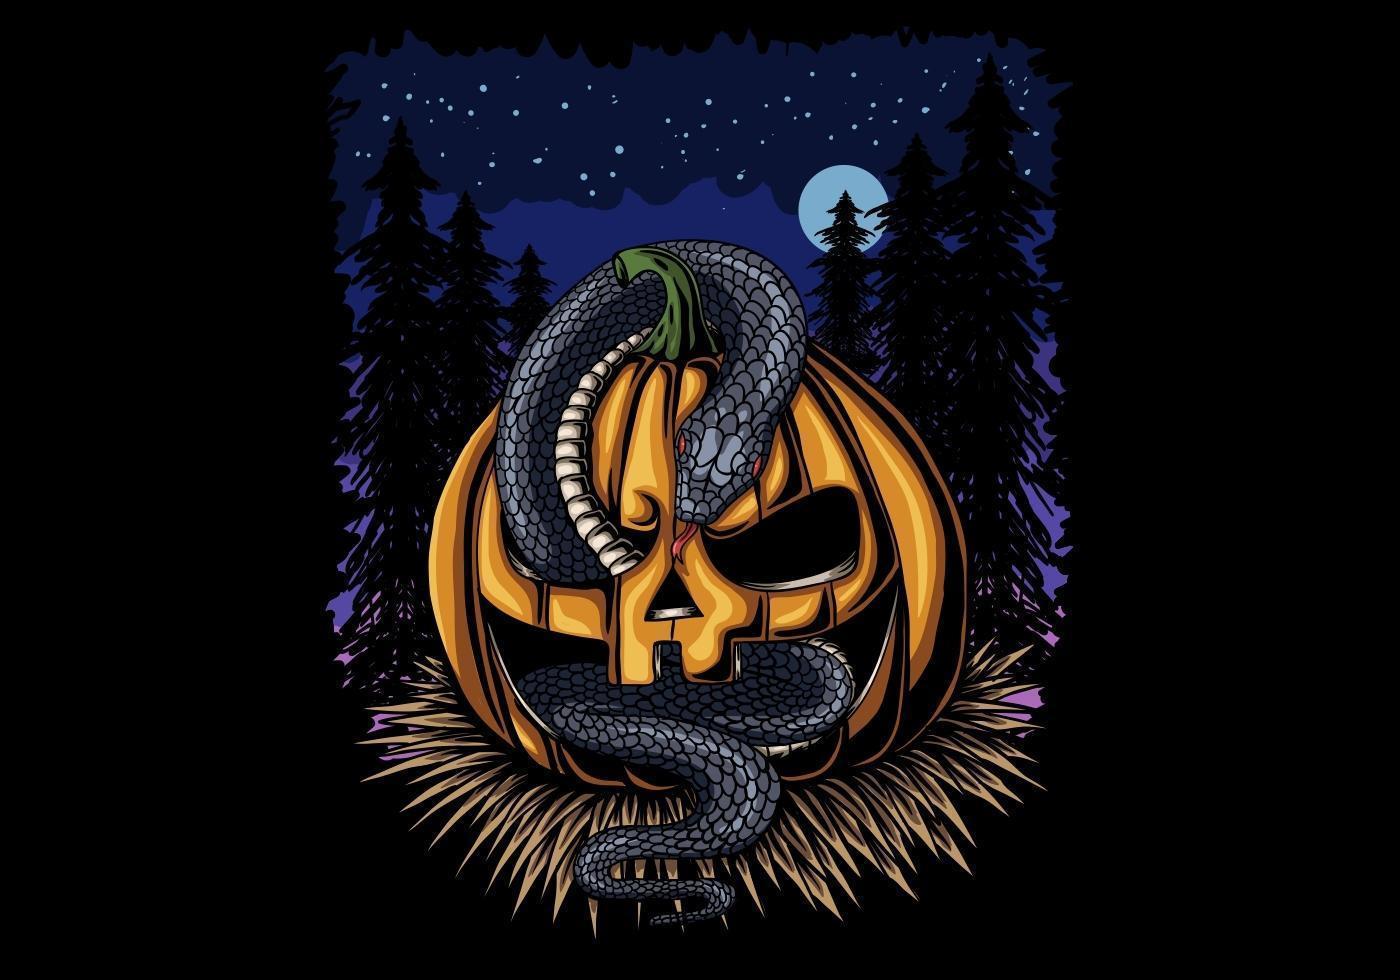 halloween pompoen en slang 's nachts vector